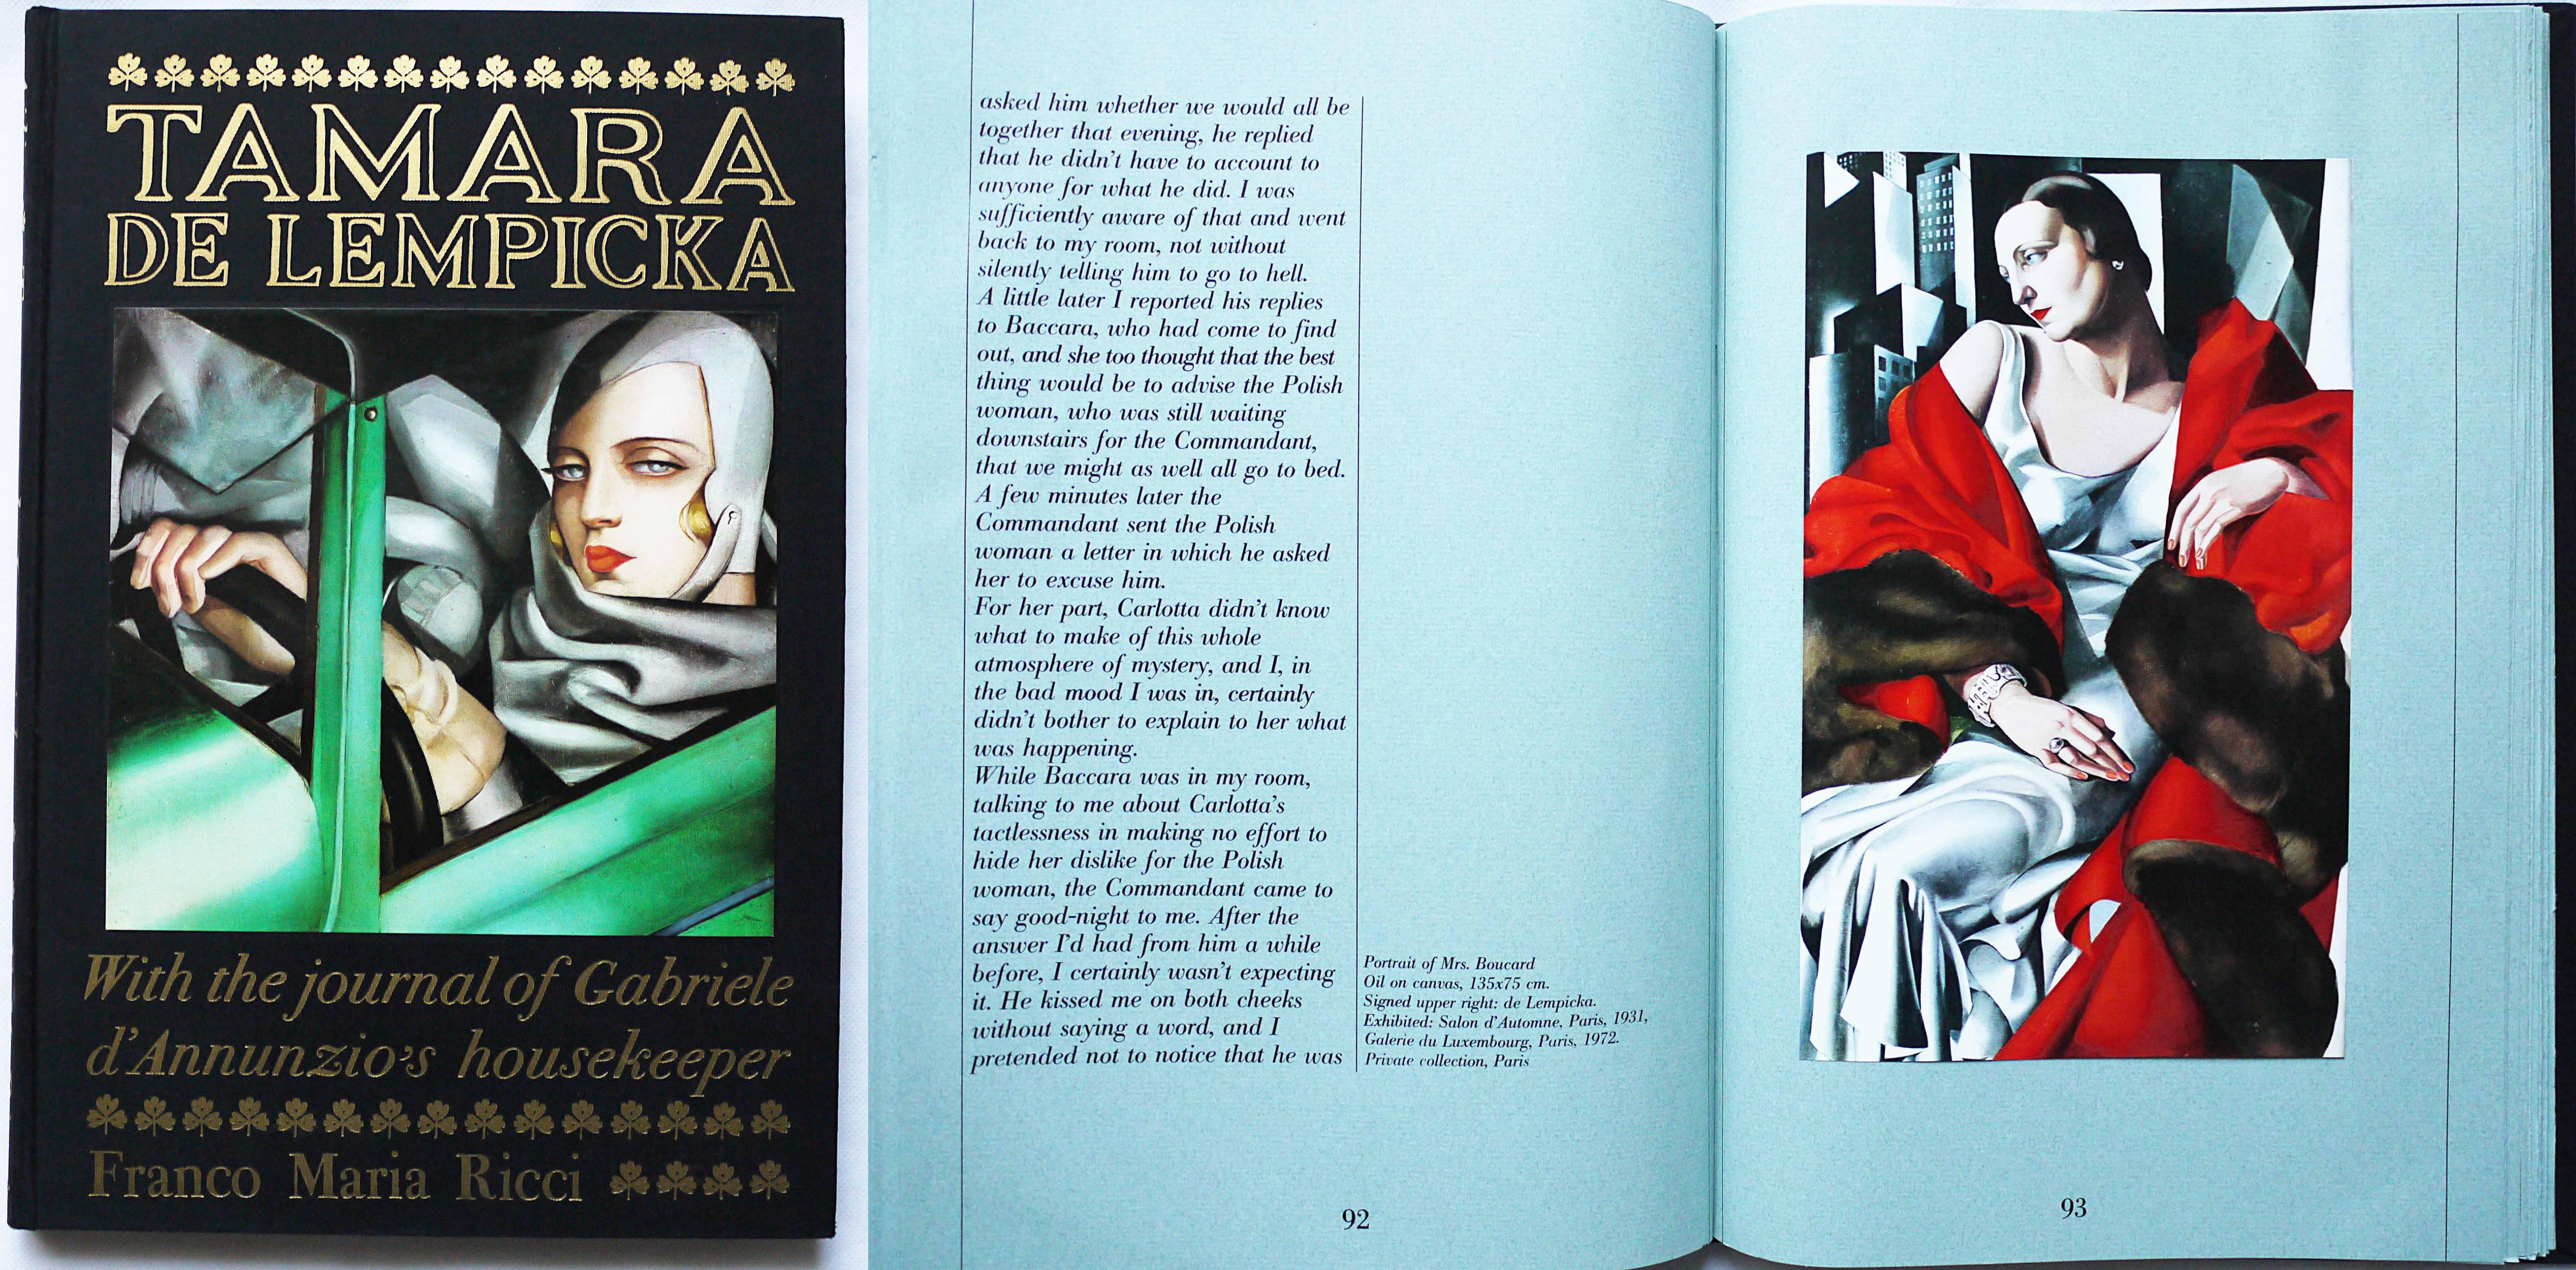 【新着】洋書 イタリア Franco Maria Ricci(フランコ・マリア・リッチ)豪華美術書